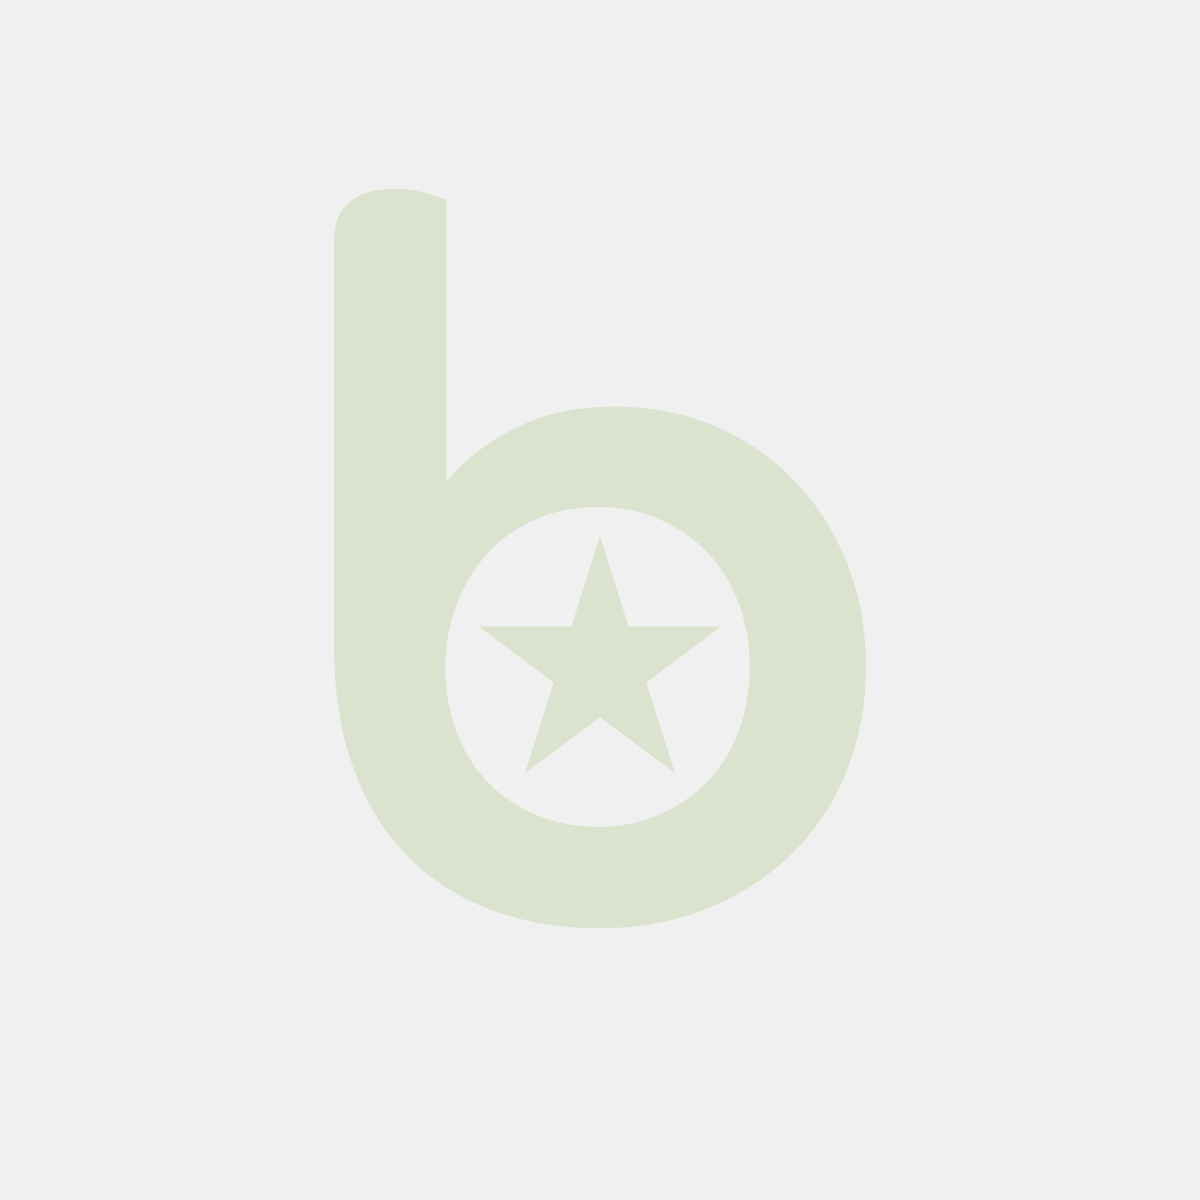 Piec Piekarnicze Konwekcyjne Z Nawilżaniem – 4X 600X400 Mm Sterowany Manualnie Z Autorewersem